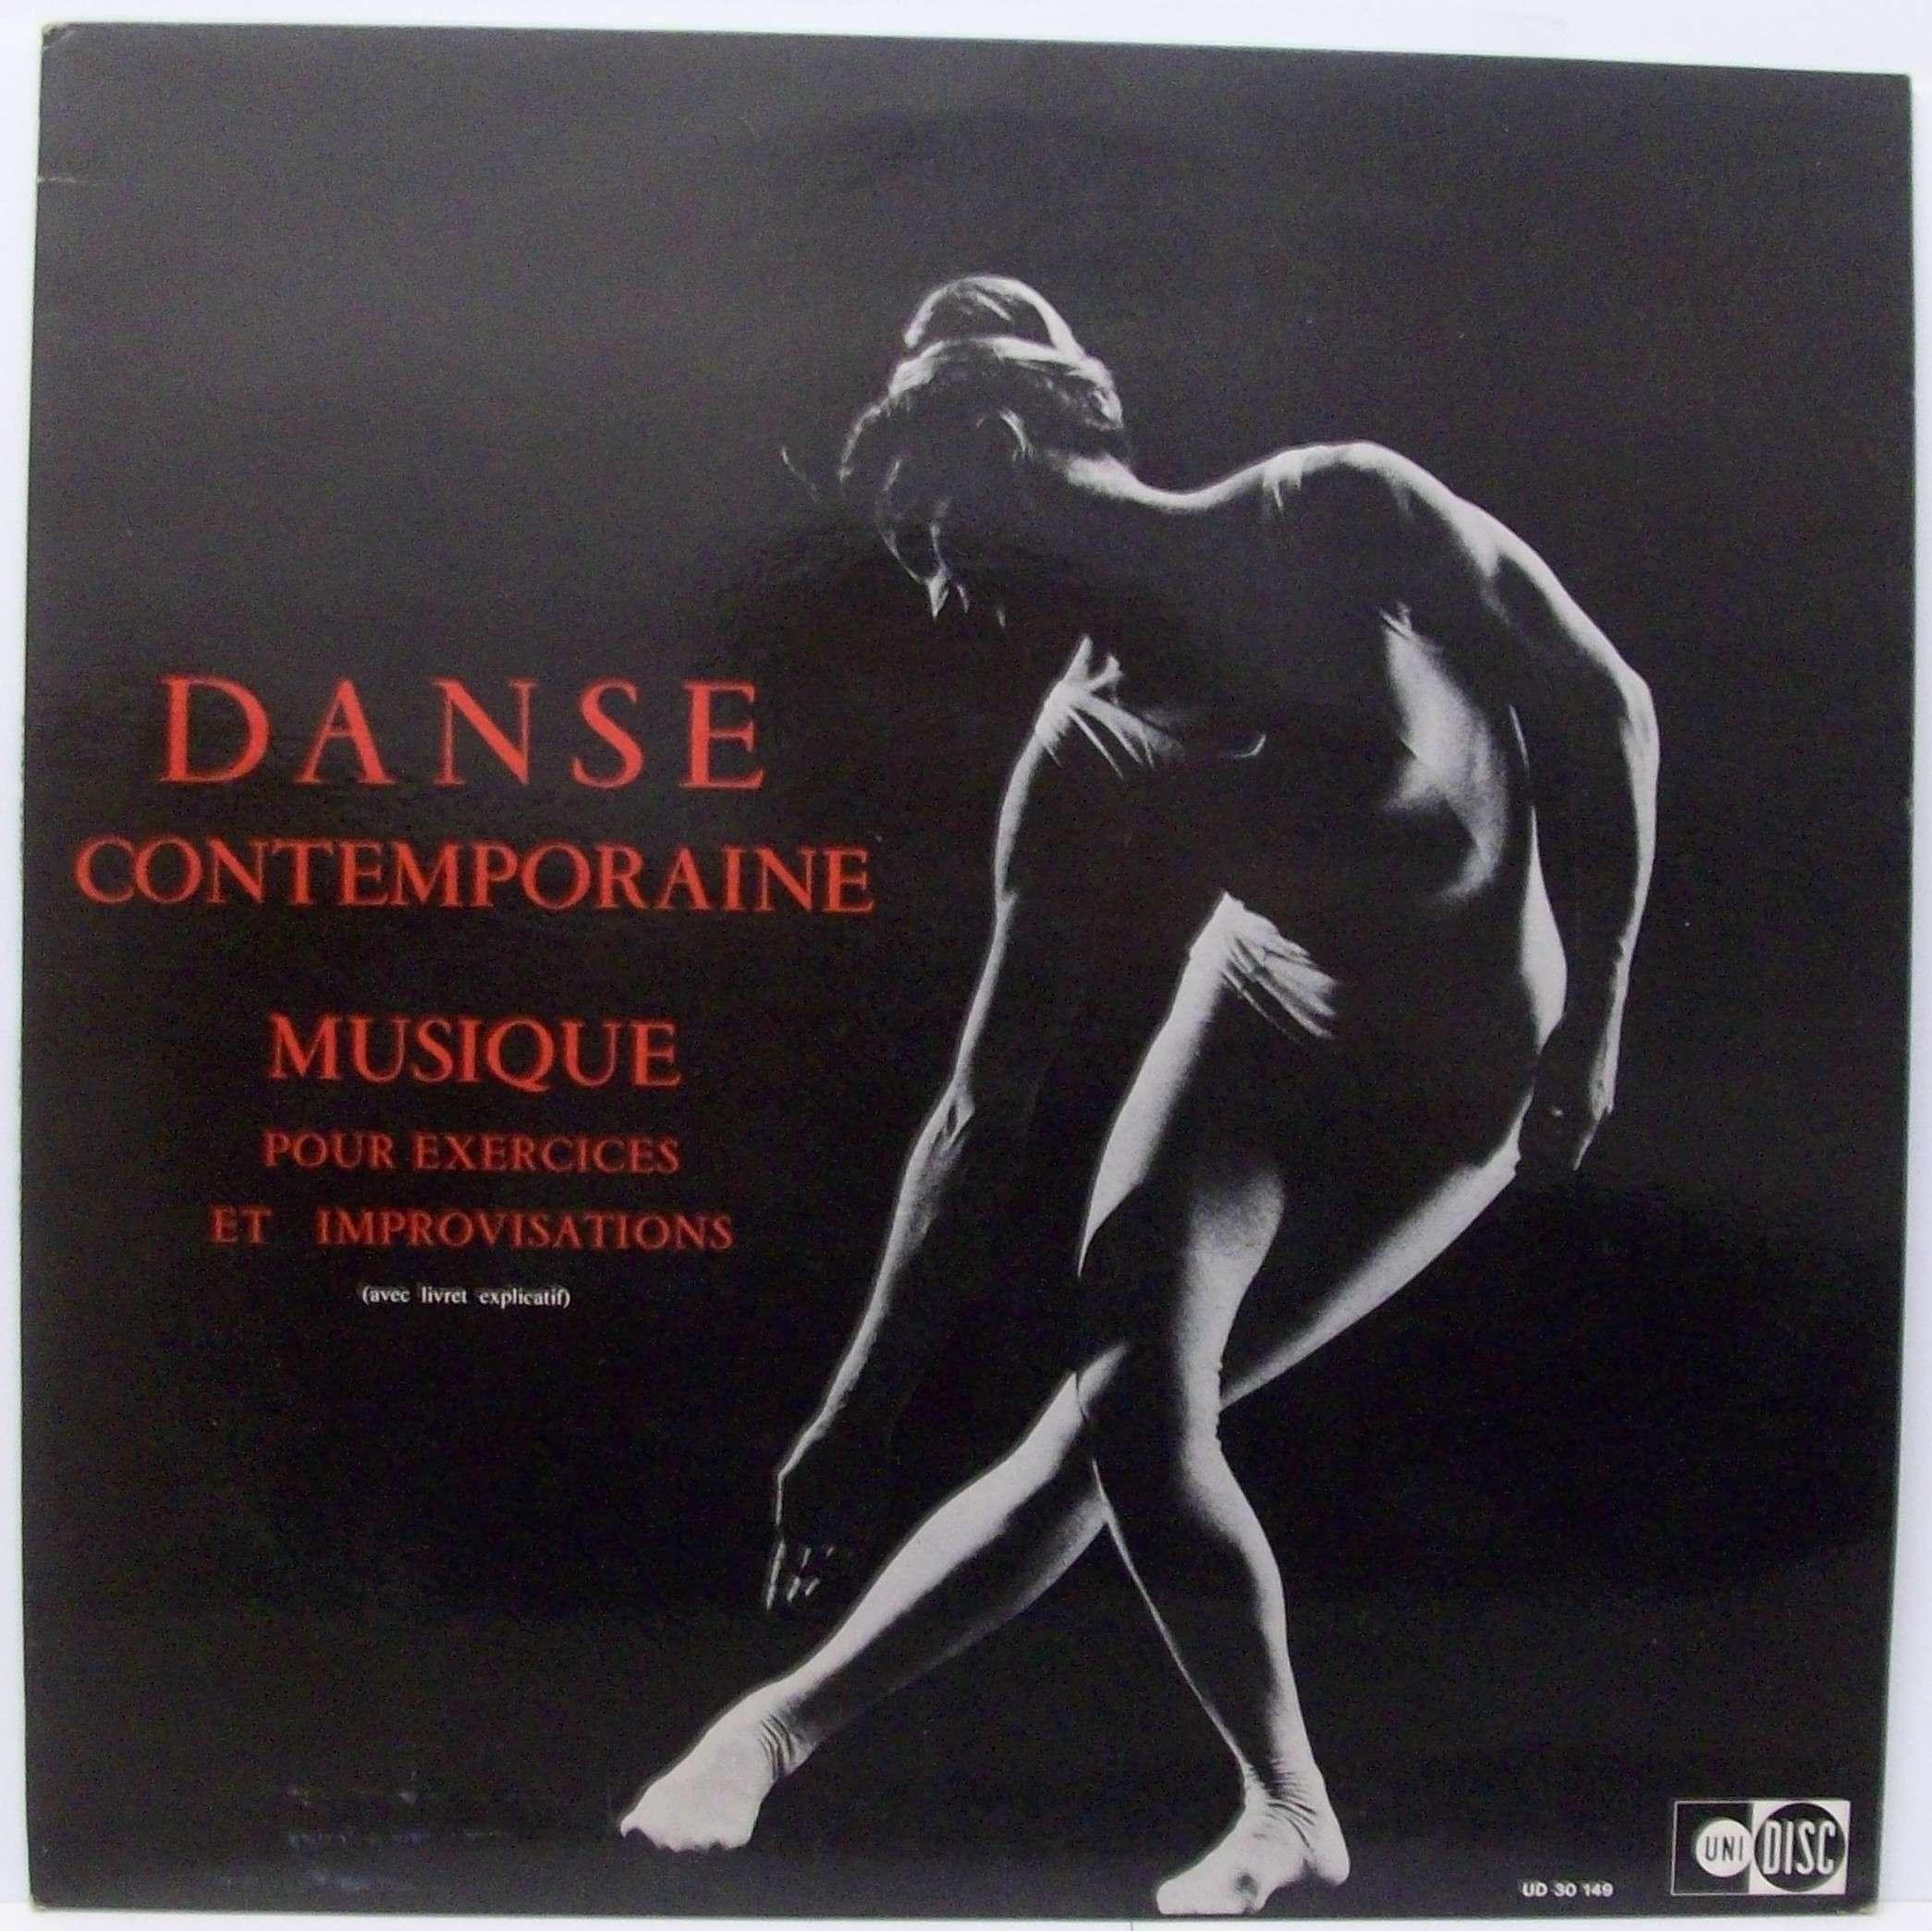 francois rauber danse contemporaine musique pour exercices et improvisations 33t en vente sur. Black Bedroom Furniture Sets. Home Design Ideas